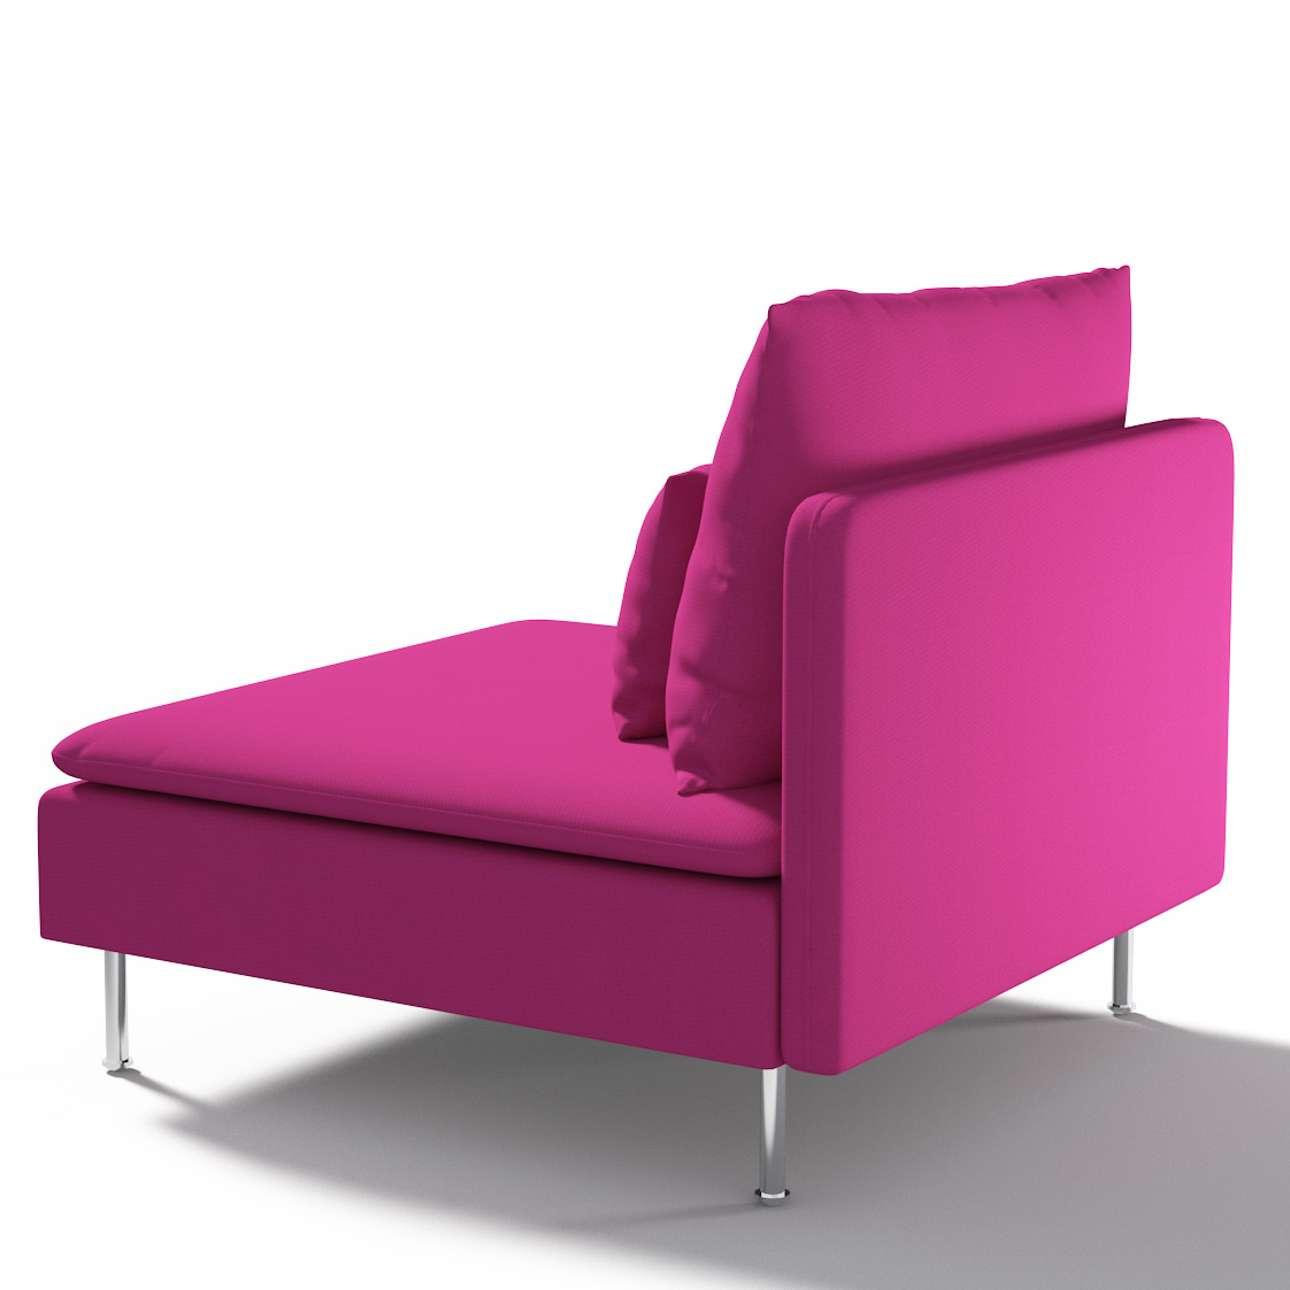 Söderhamn Bezug für Sitzelement 1 Sitzelement 1 von der Kollektion Etna, Stoff: 705-23